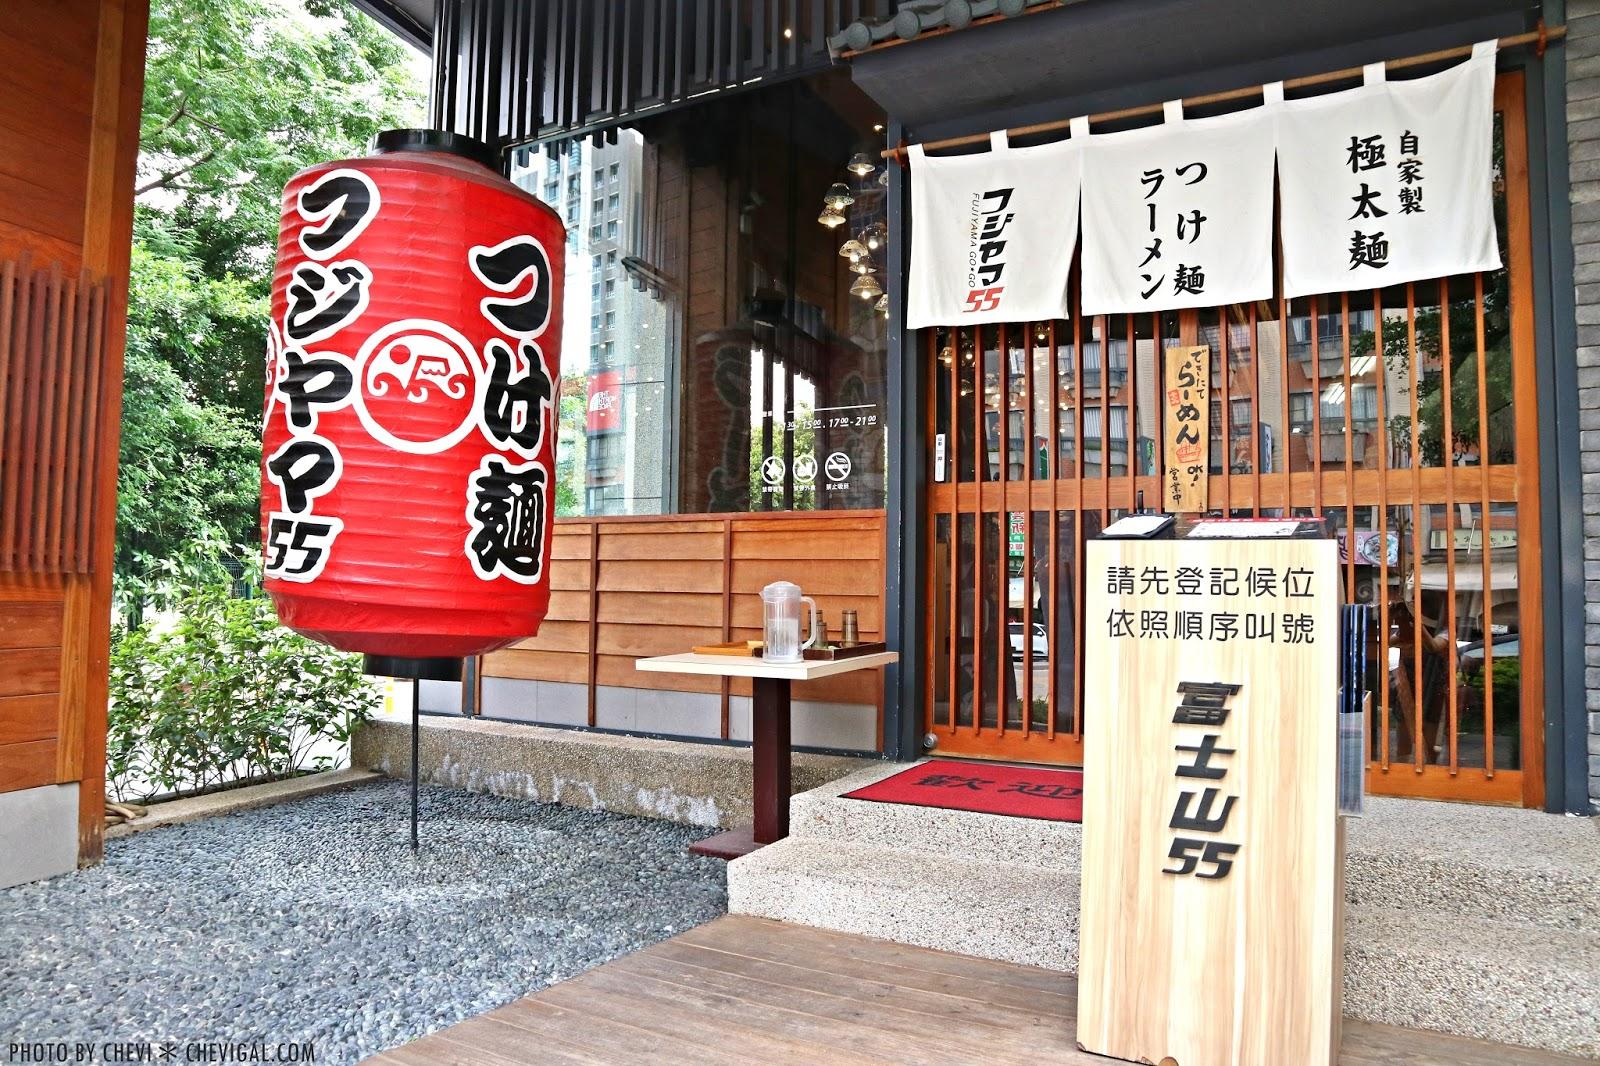 IMG 9841 - 熱血採訪│富士山55沾麵*富士山55周年感謝祭。澎派菜單全新登場。還有免費 Cold Stone冰淇淋請你吃